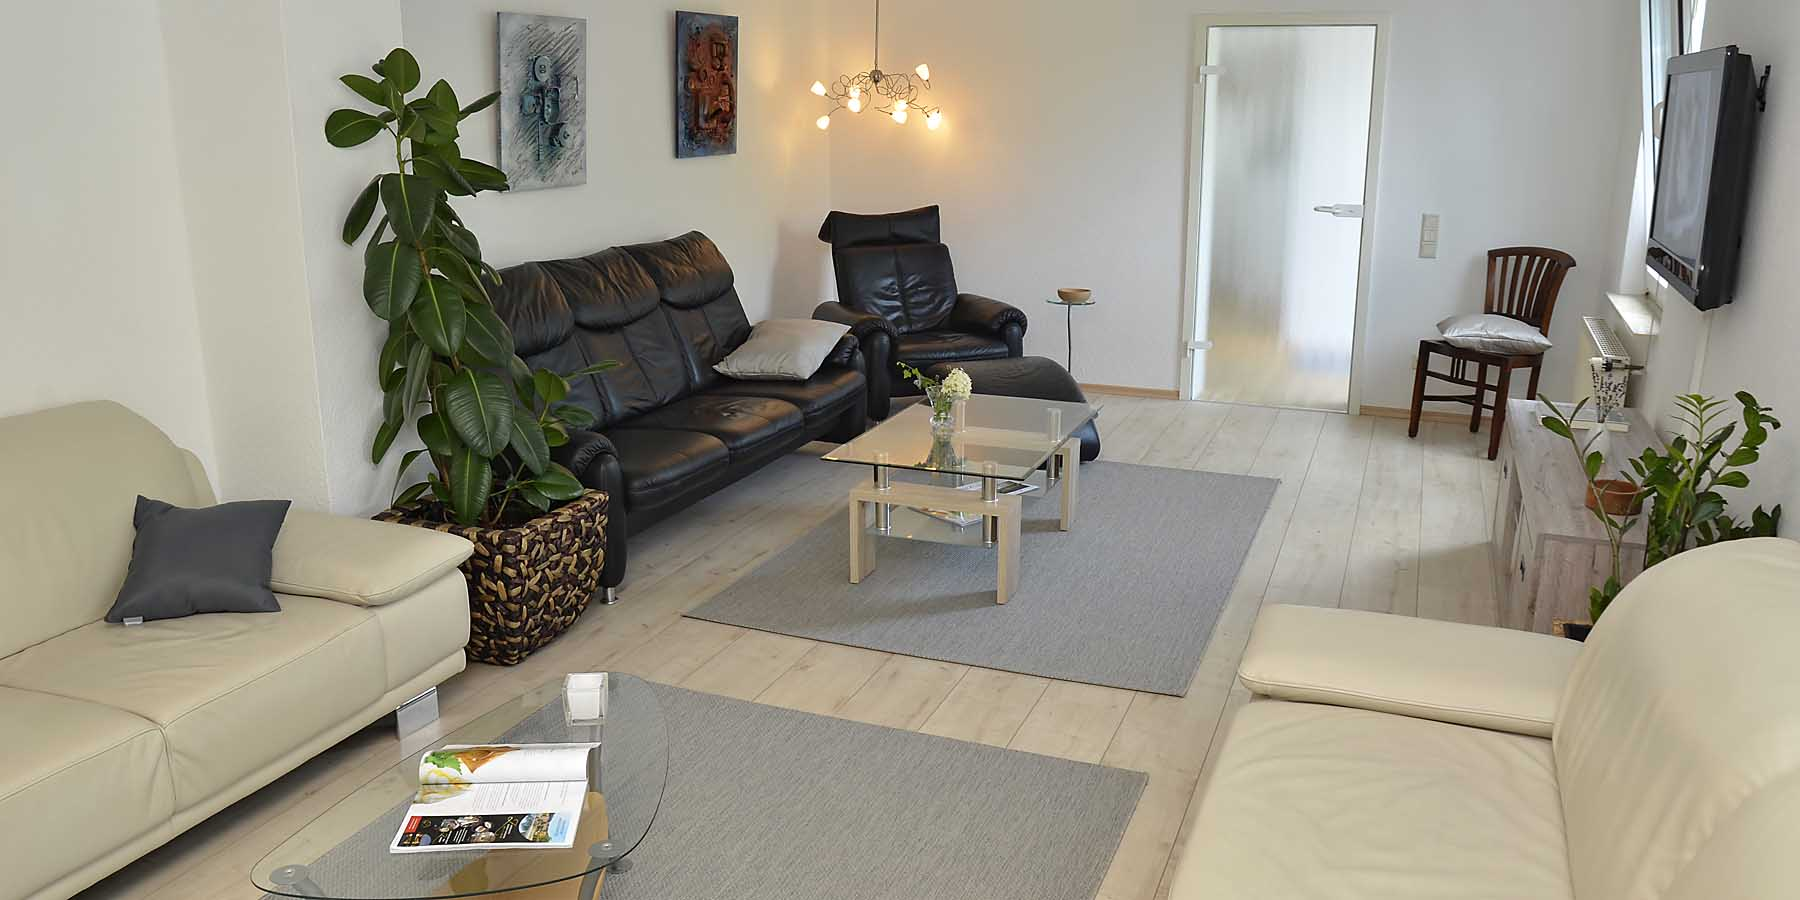 Großes Wohnzimmer mit vier Sofas - hier lässt es sich leben!